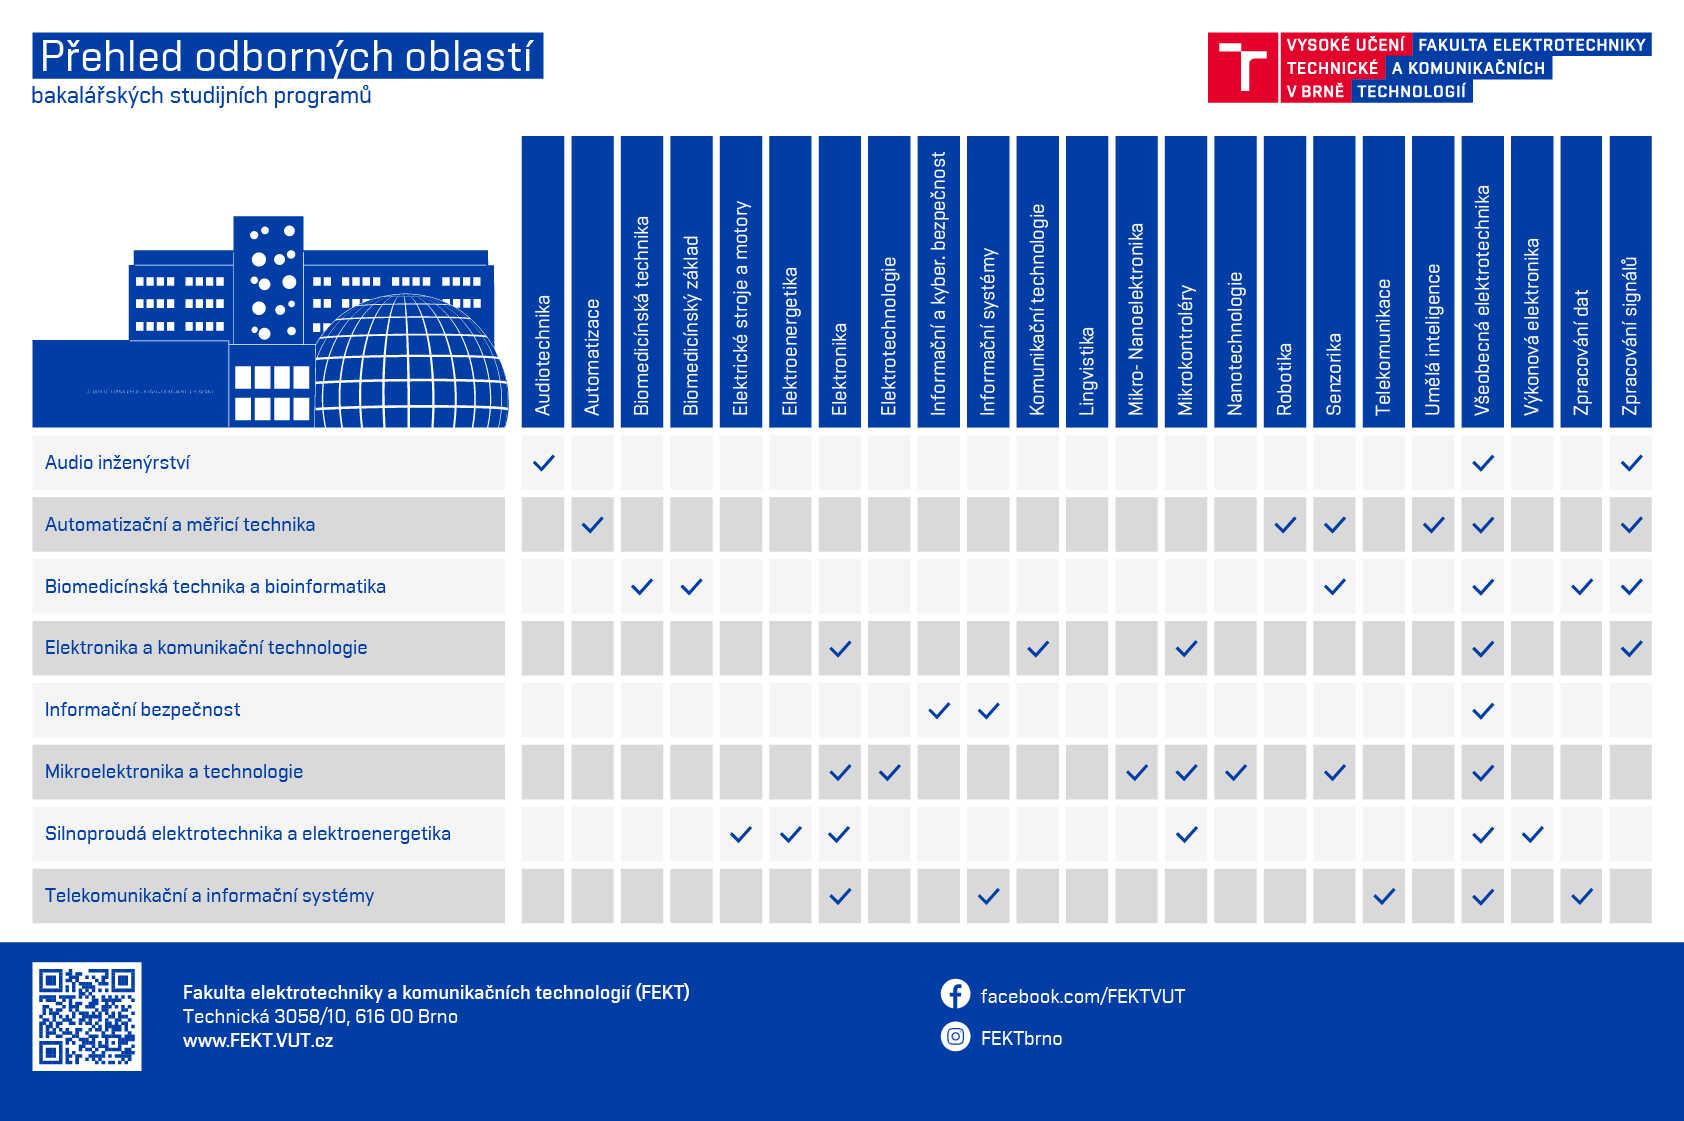 Schéma - přehled odborných oblastí Bc. stud. programů